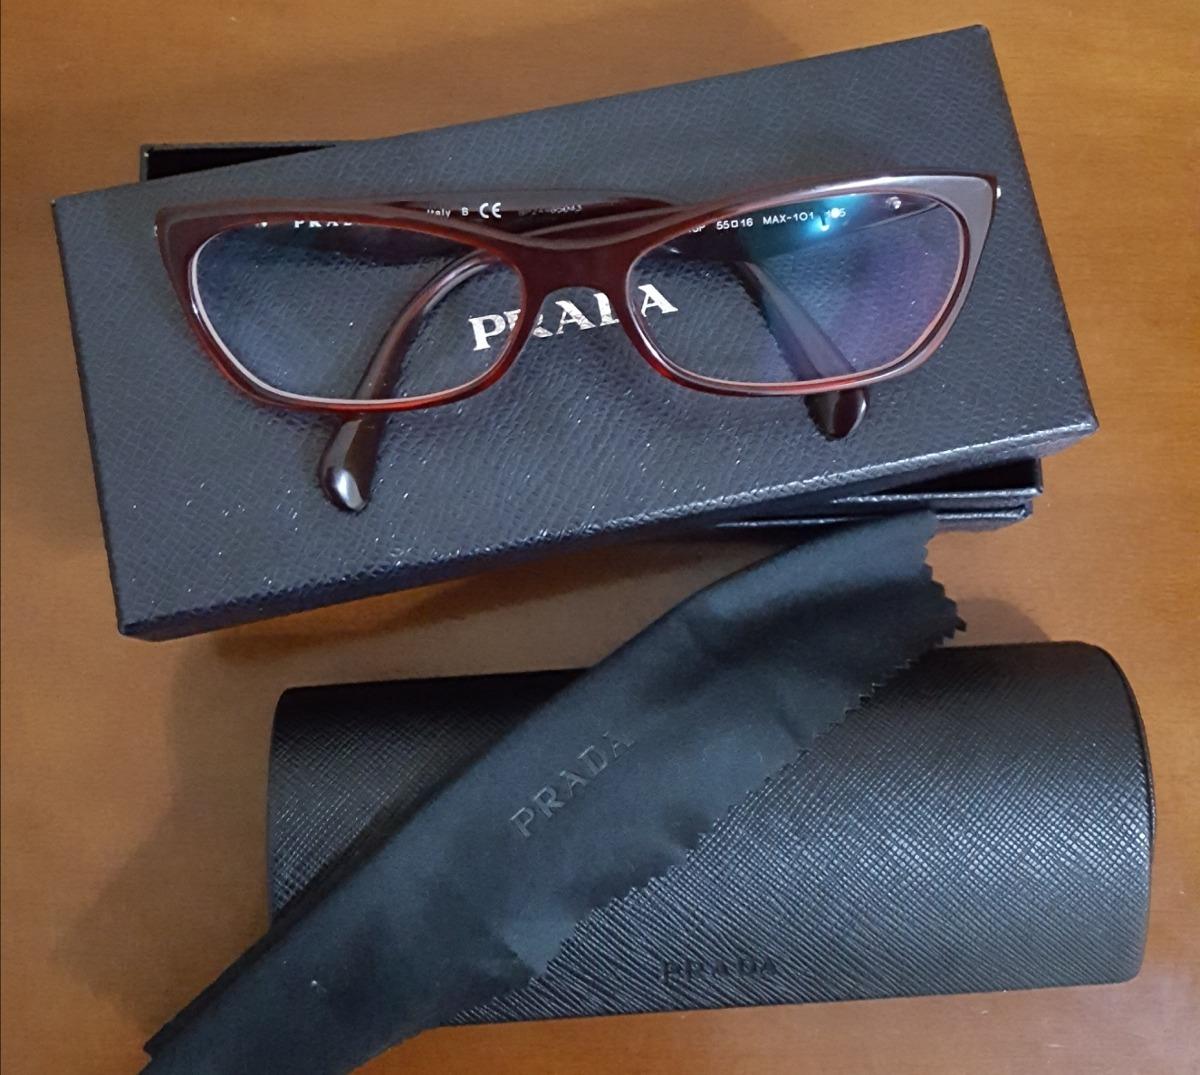 ccd006969b9ad óculos de grau prada oficial vermelho modelo gatinho. Carregando zoom.